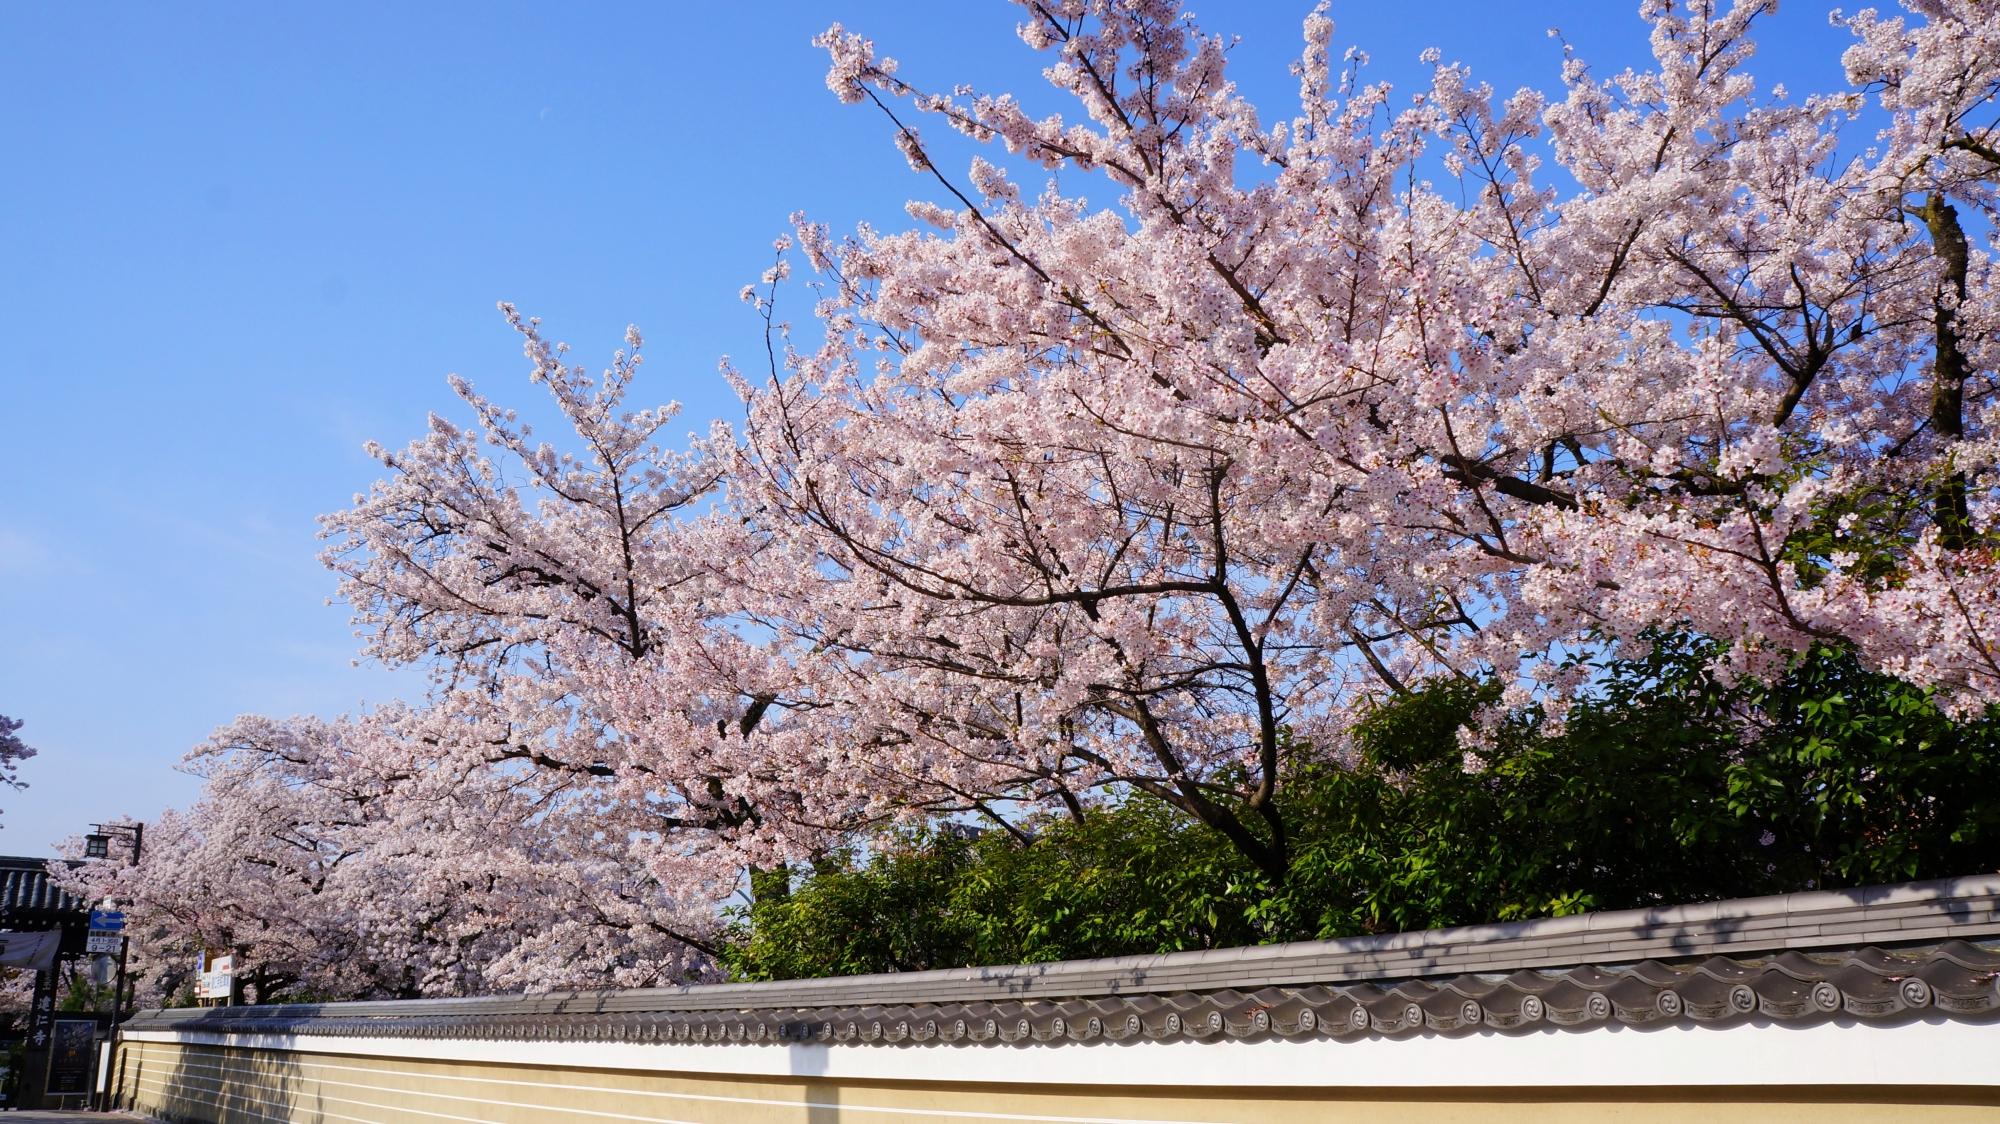 建仁寺の北側の花見小路通沿いの桜